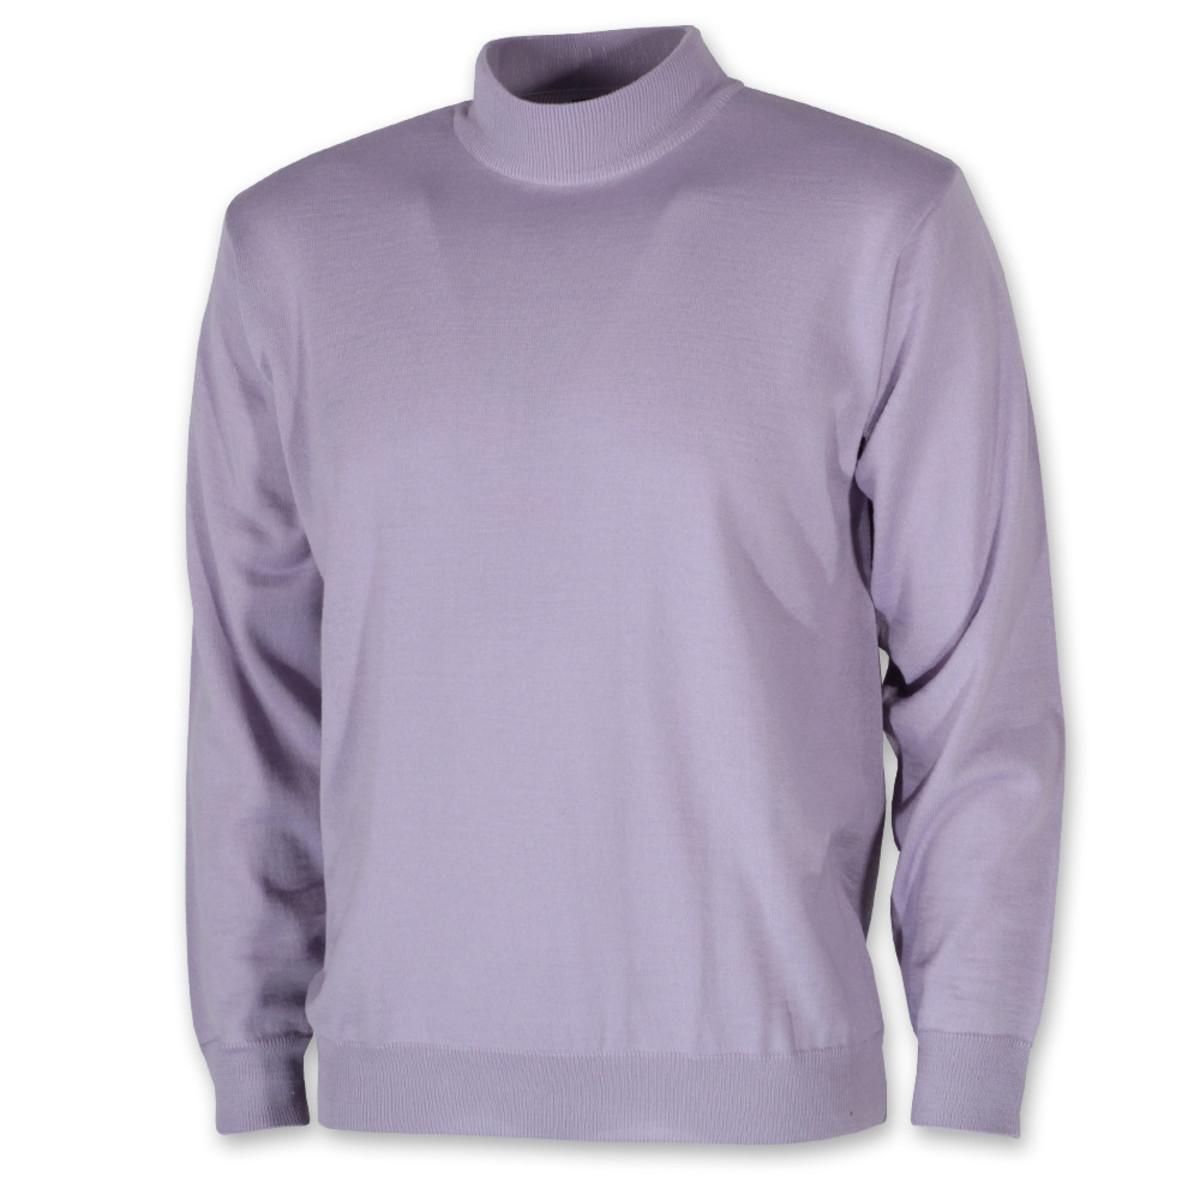 Pánsky sveter s rolákom fialový 10272 M